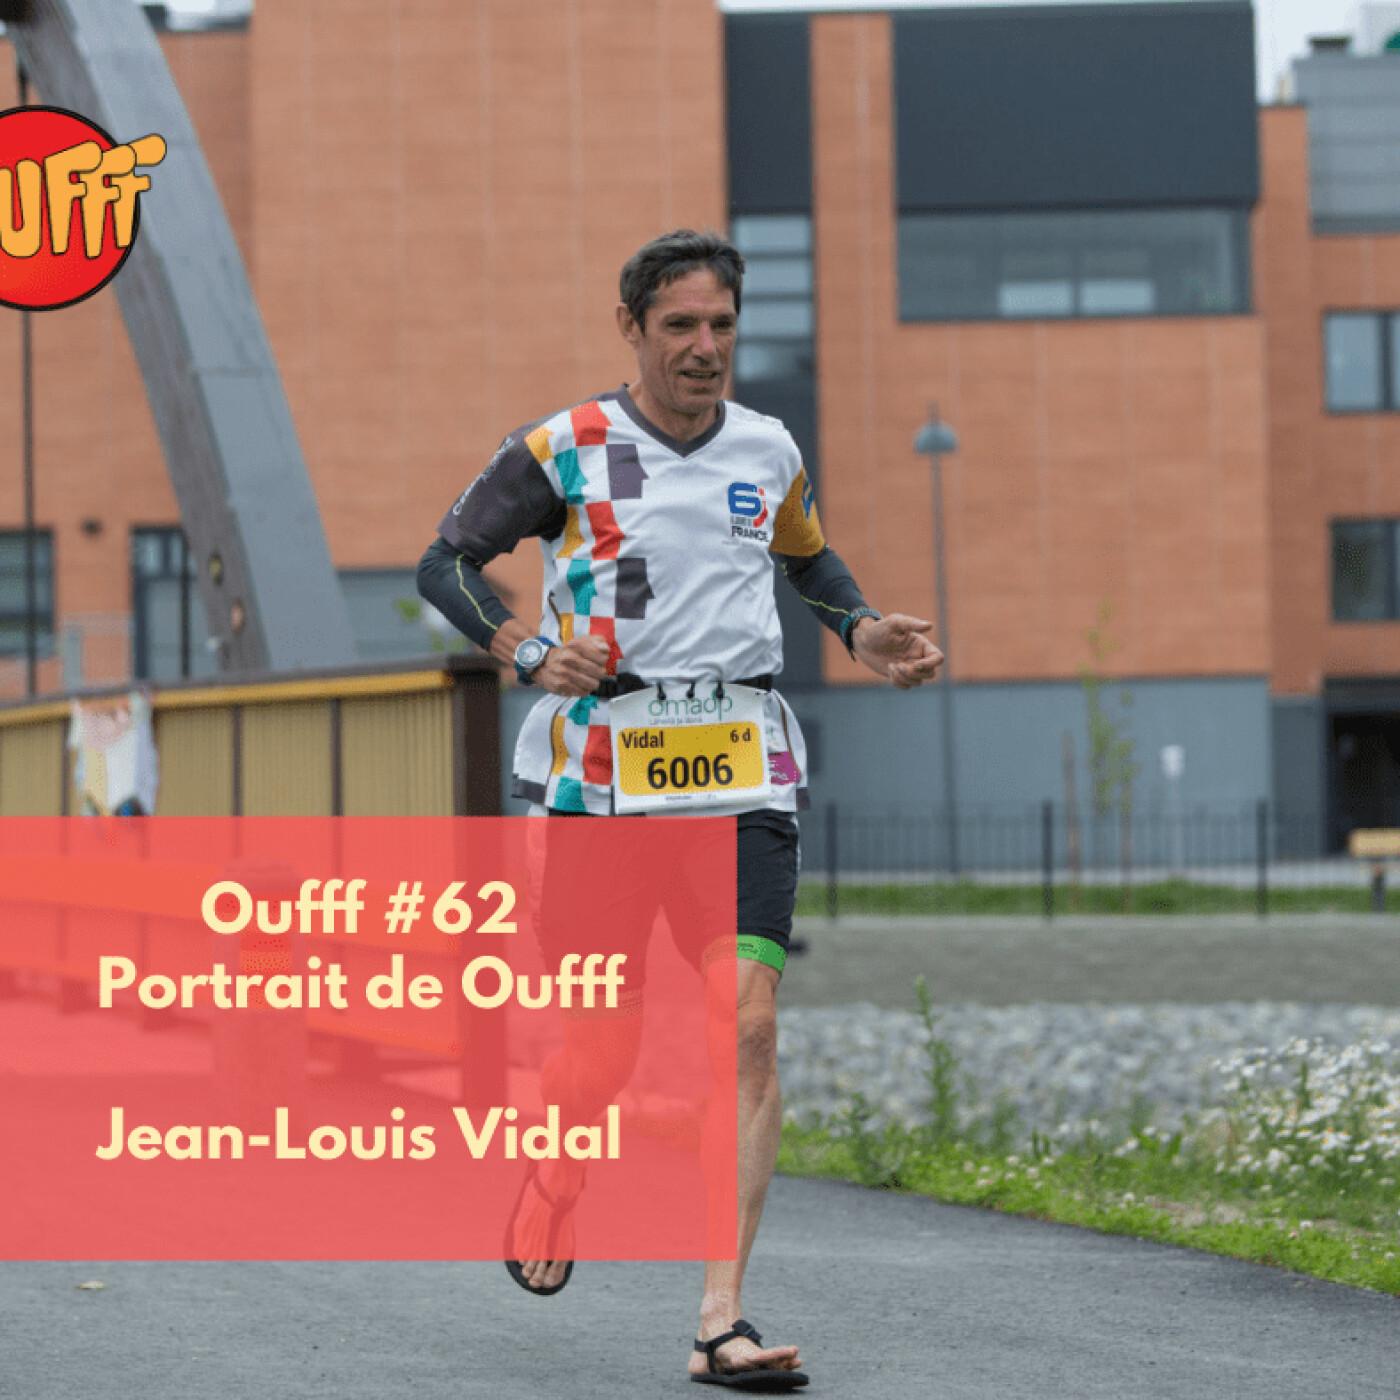 #62 - Portrait de Oufff - Jean-Louis Vidal, une référence de l'ultra-distance